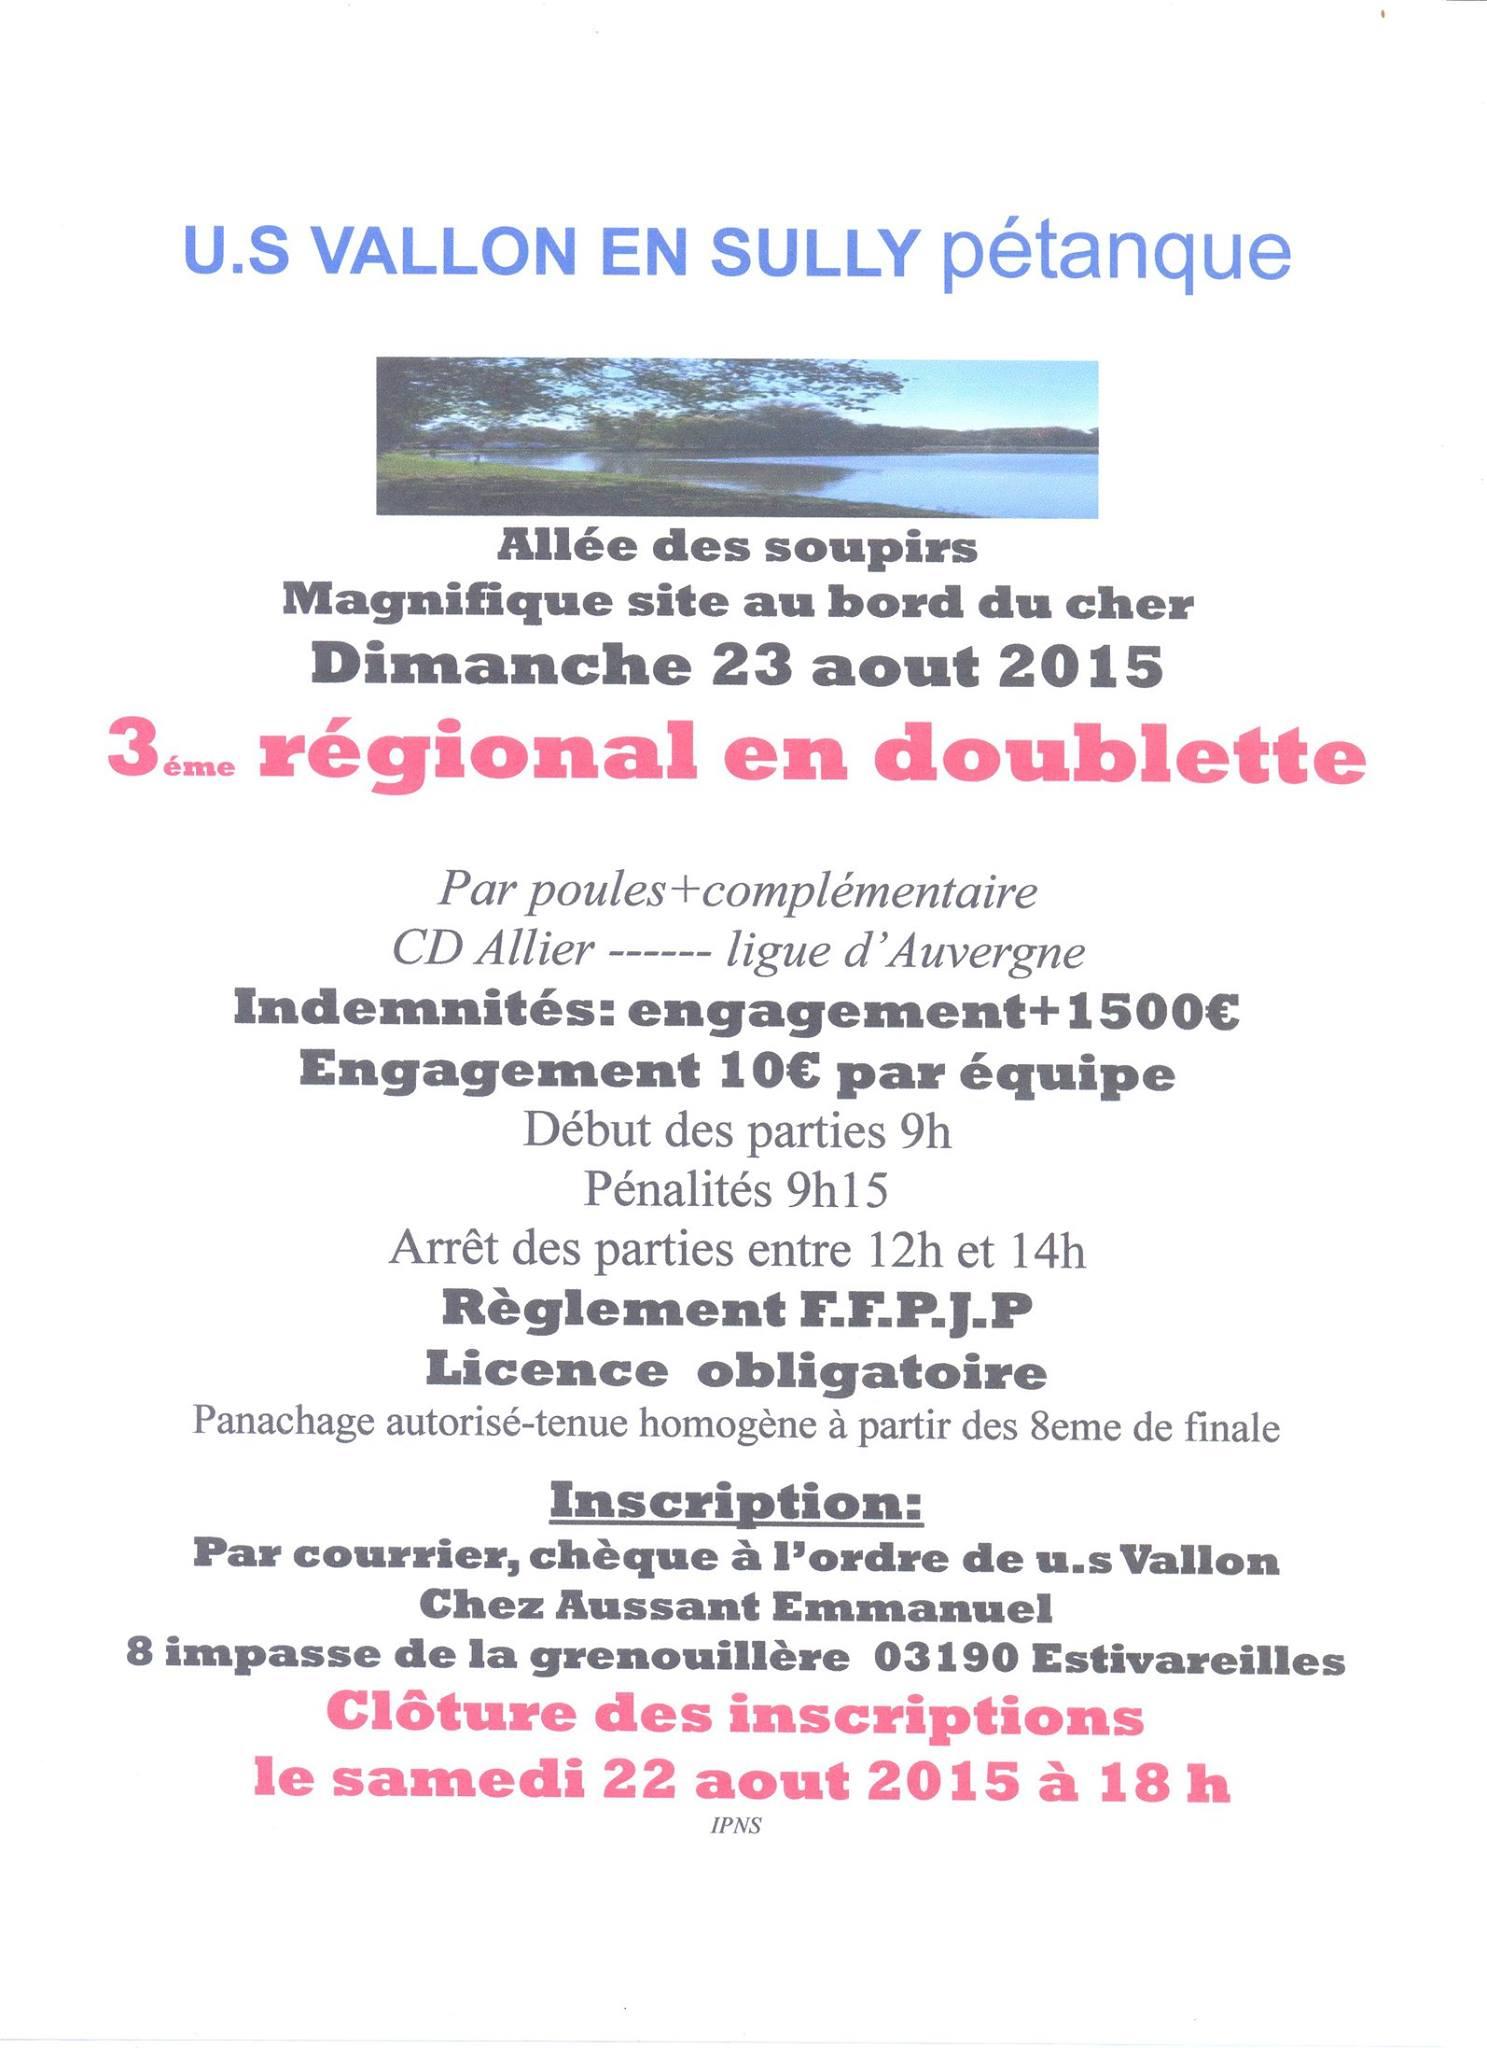 Affiche Régional Doublette le 23 aout 2015